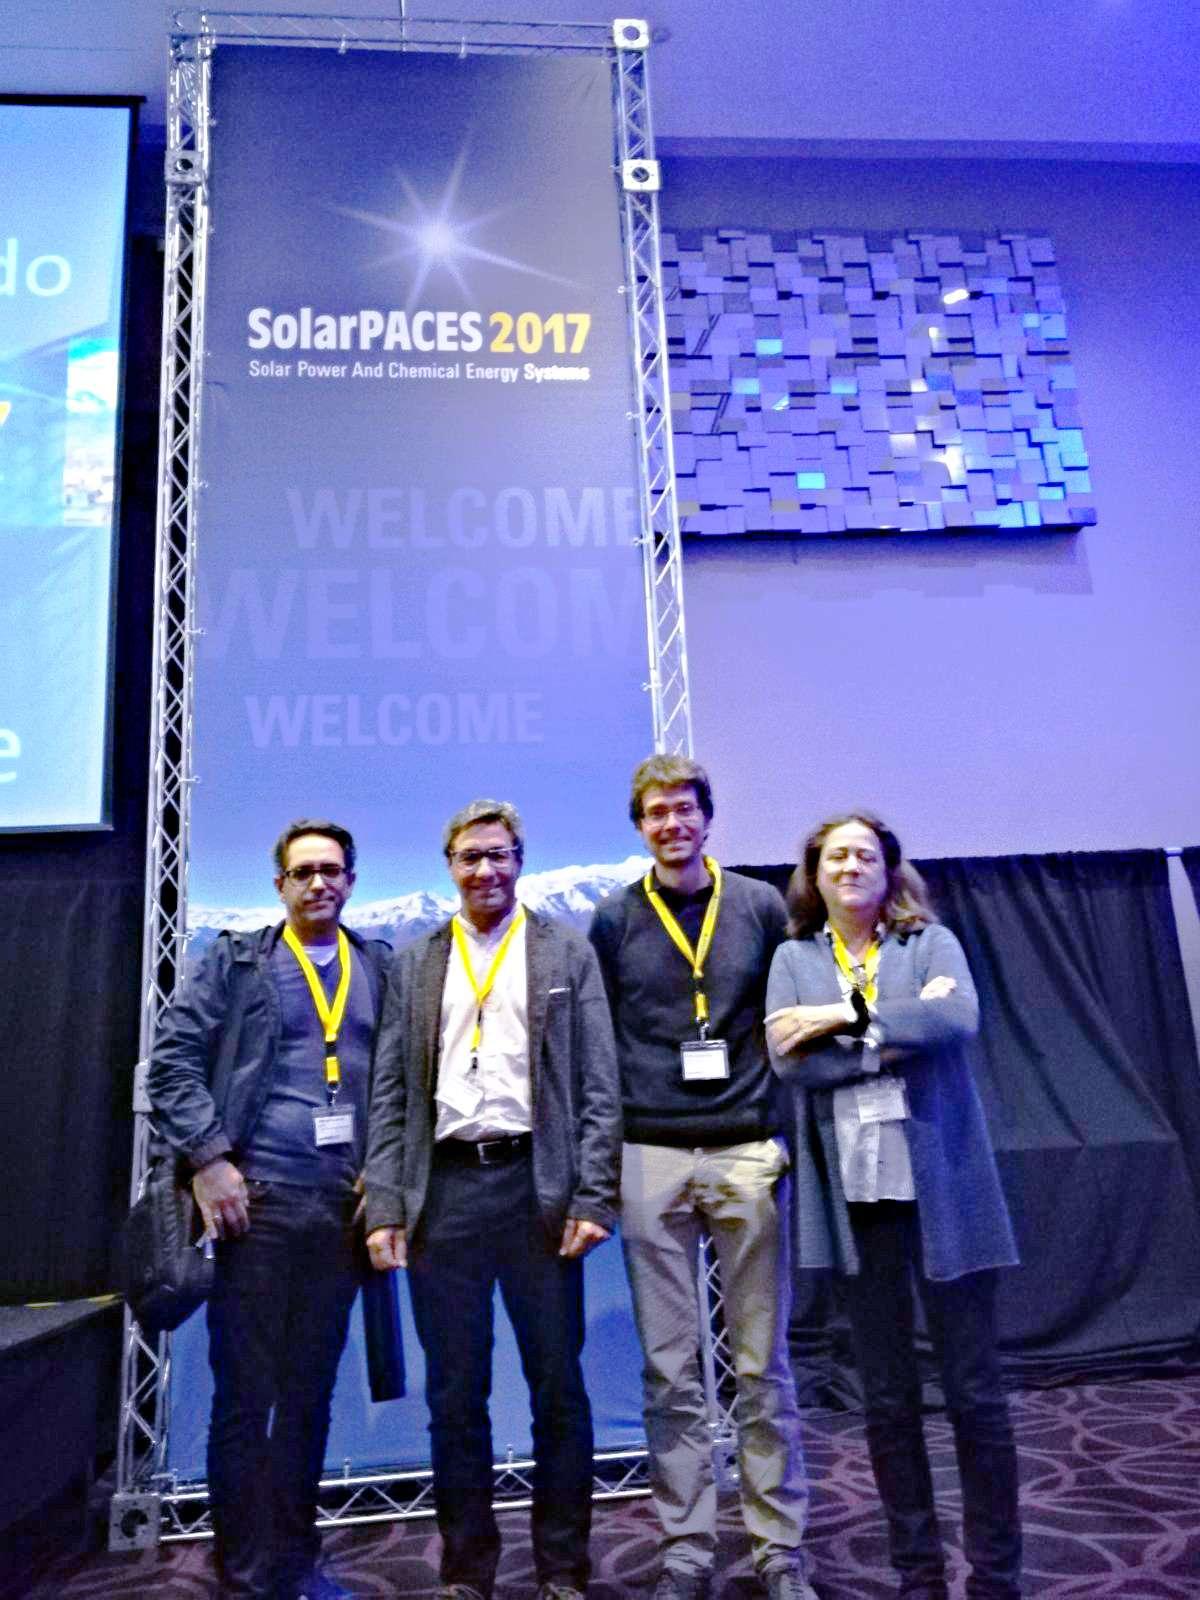 Sistemas De Predicción Solar O Para La Calibración De Helioestatos, Temas De Algunos De Los Proyectos Que Presentó CENER En SolarPACES 2017